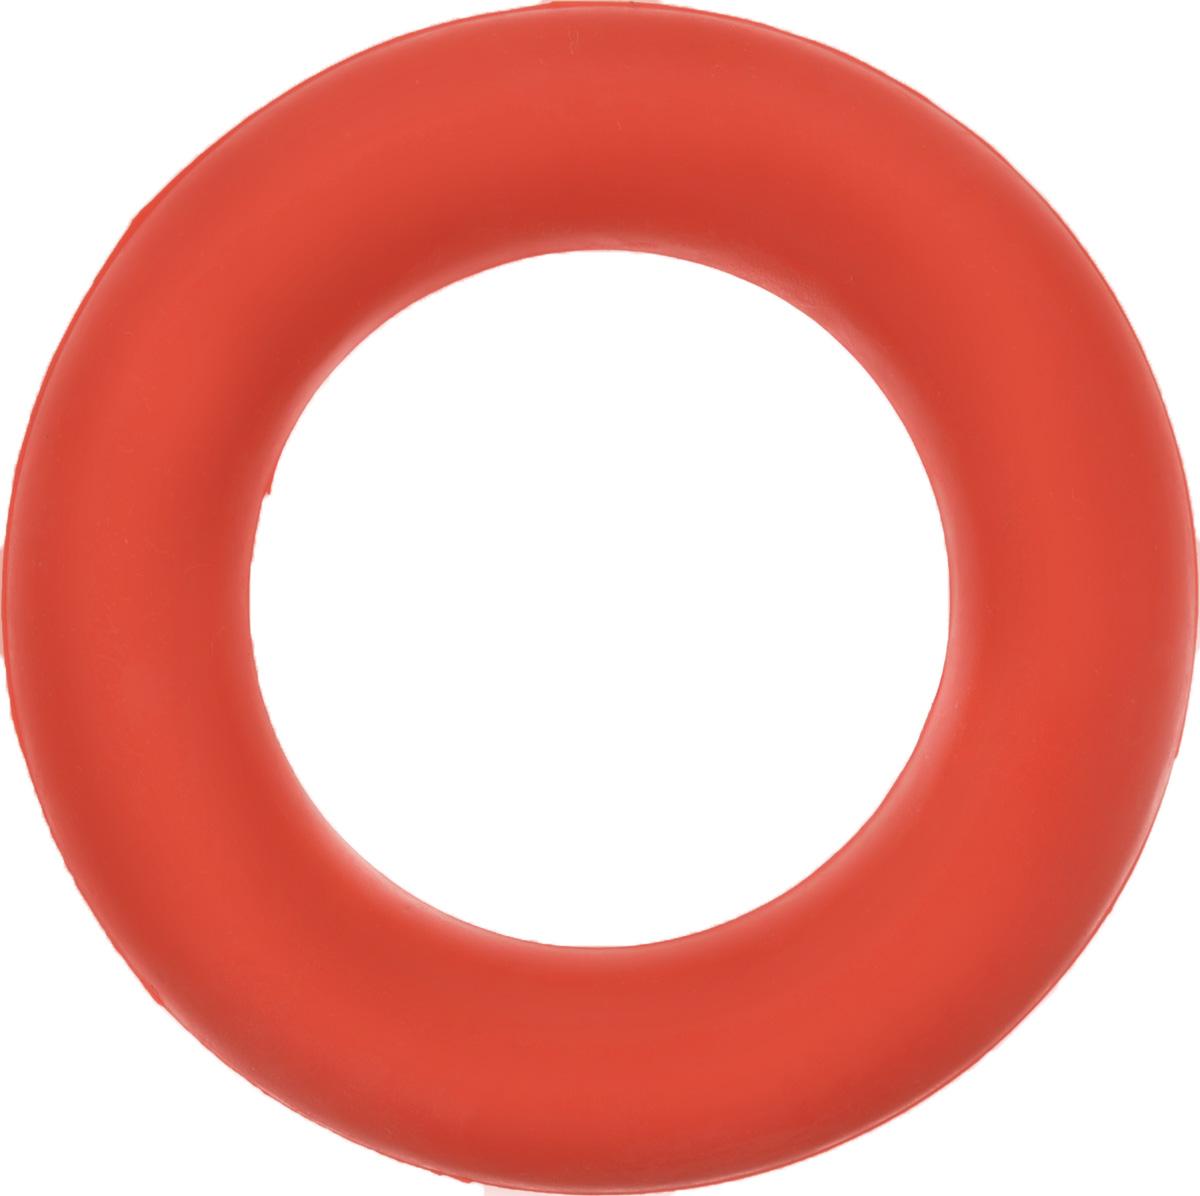 Игрушка для собак Каскад Кольцо, цвет: коралловый, диаметр 9 см5620104Игрушка для собак Каскад Кольцо изготовлена из мягкой и прочной безопасной резины, устойчивой к разгрызанию. Изделие отличается прочностью и в то же время гибкостью и эластичностью. Такая игрушка прекрасно подойдет для игр вашей собаки.